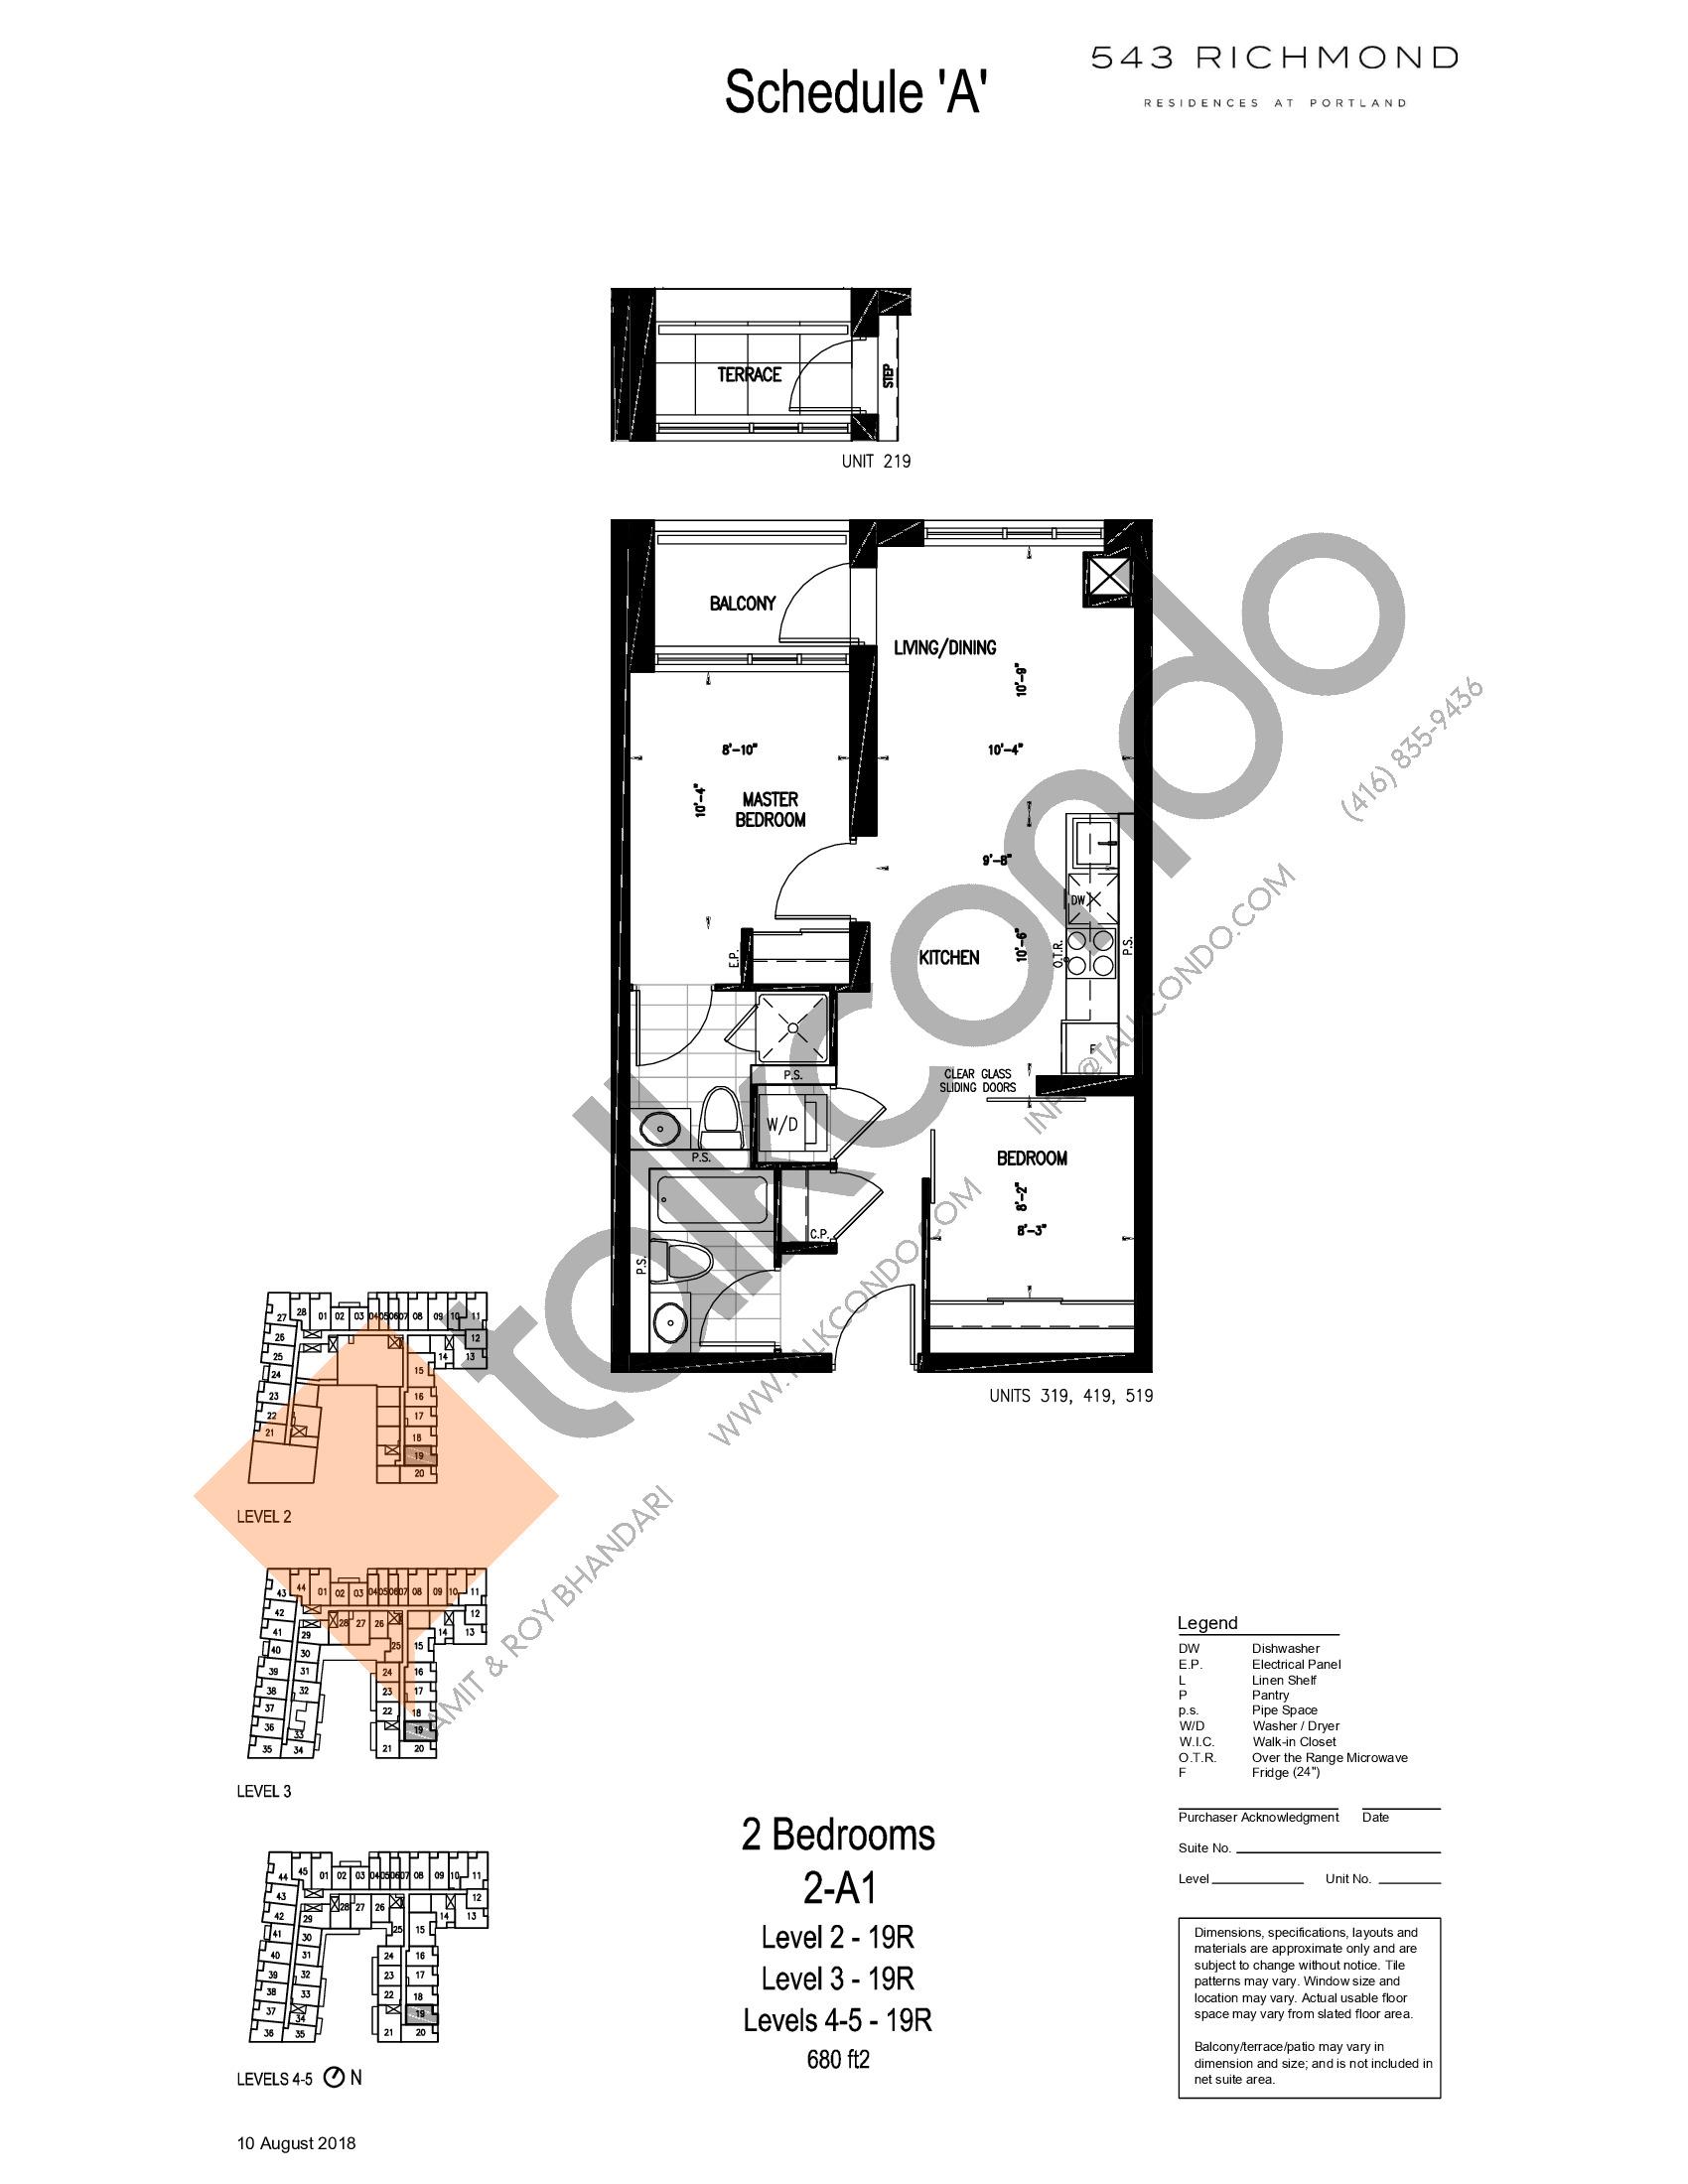 2-A1 Floor Plan at 543 Richmond St Condos - 680 sq.ft